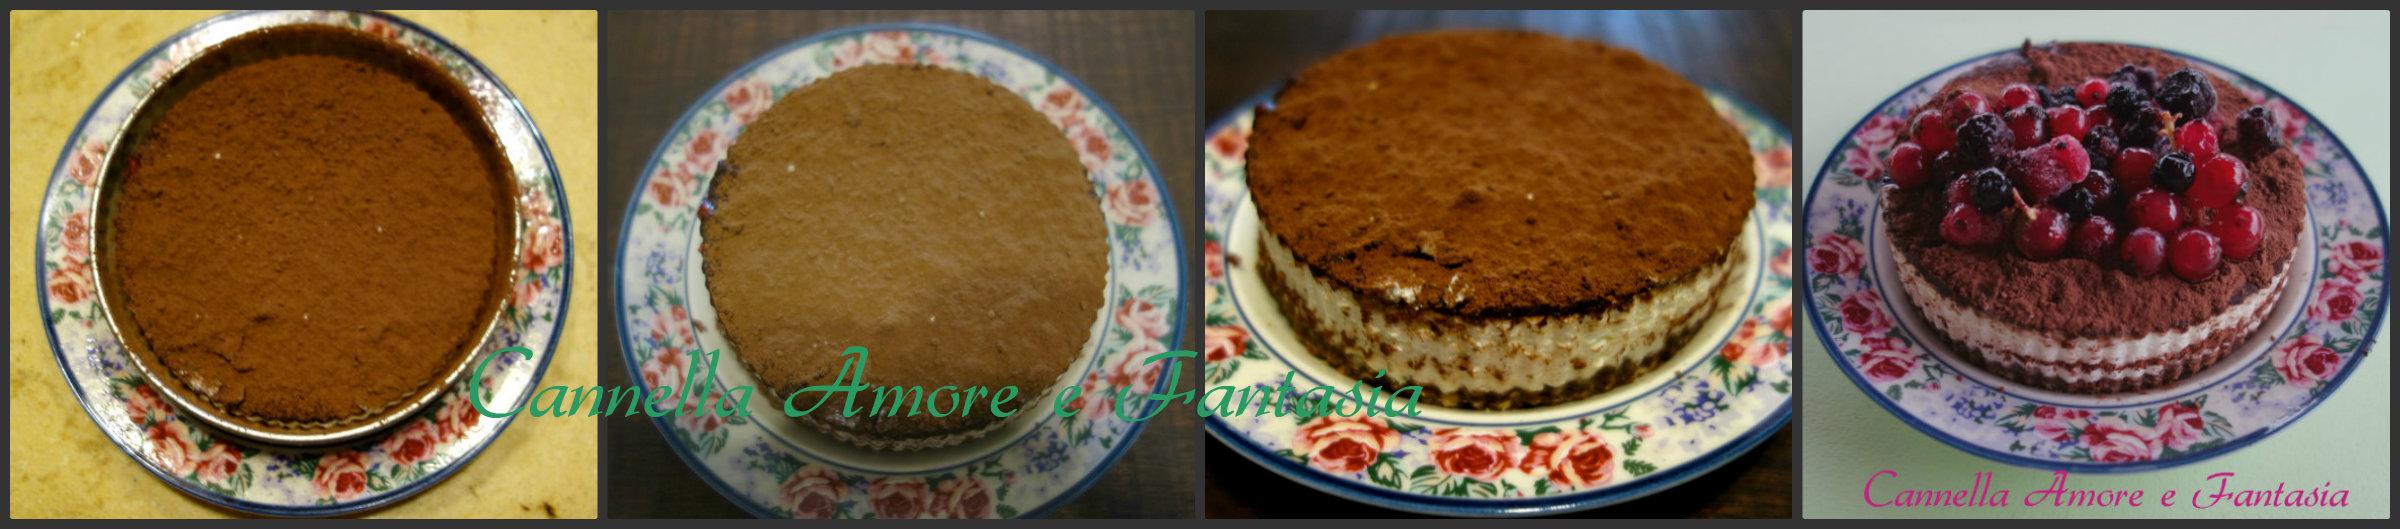 cheesecake ai frutti di bosco collage finito